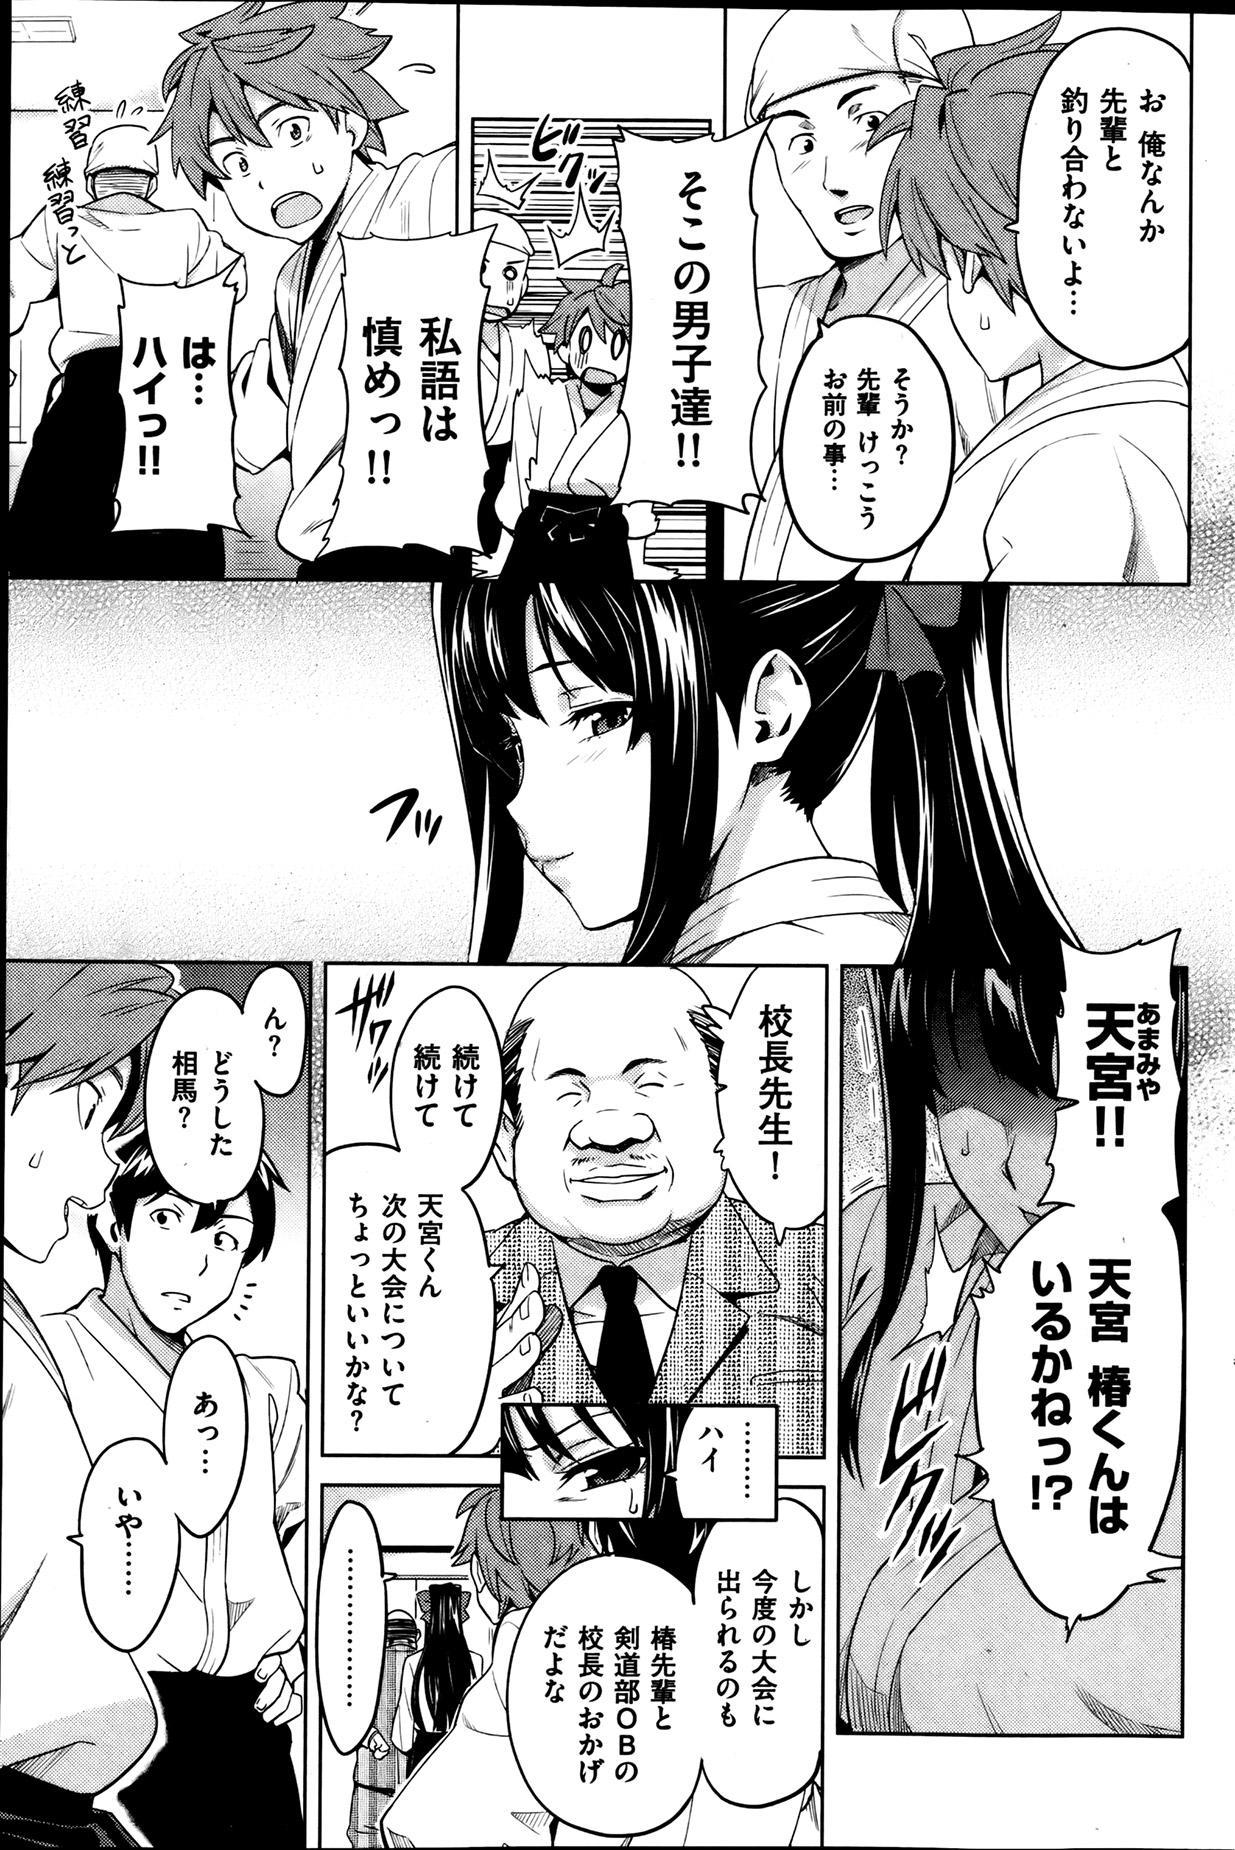 COMIC HANA-MAN 2013-08 Takeda Hiromitsu Tokushuu 106